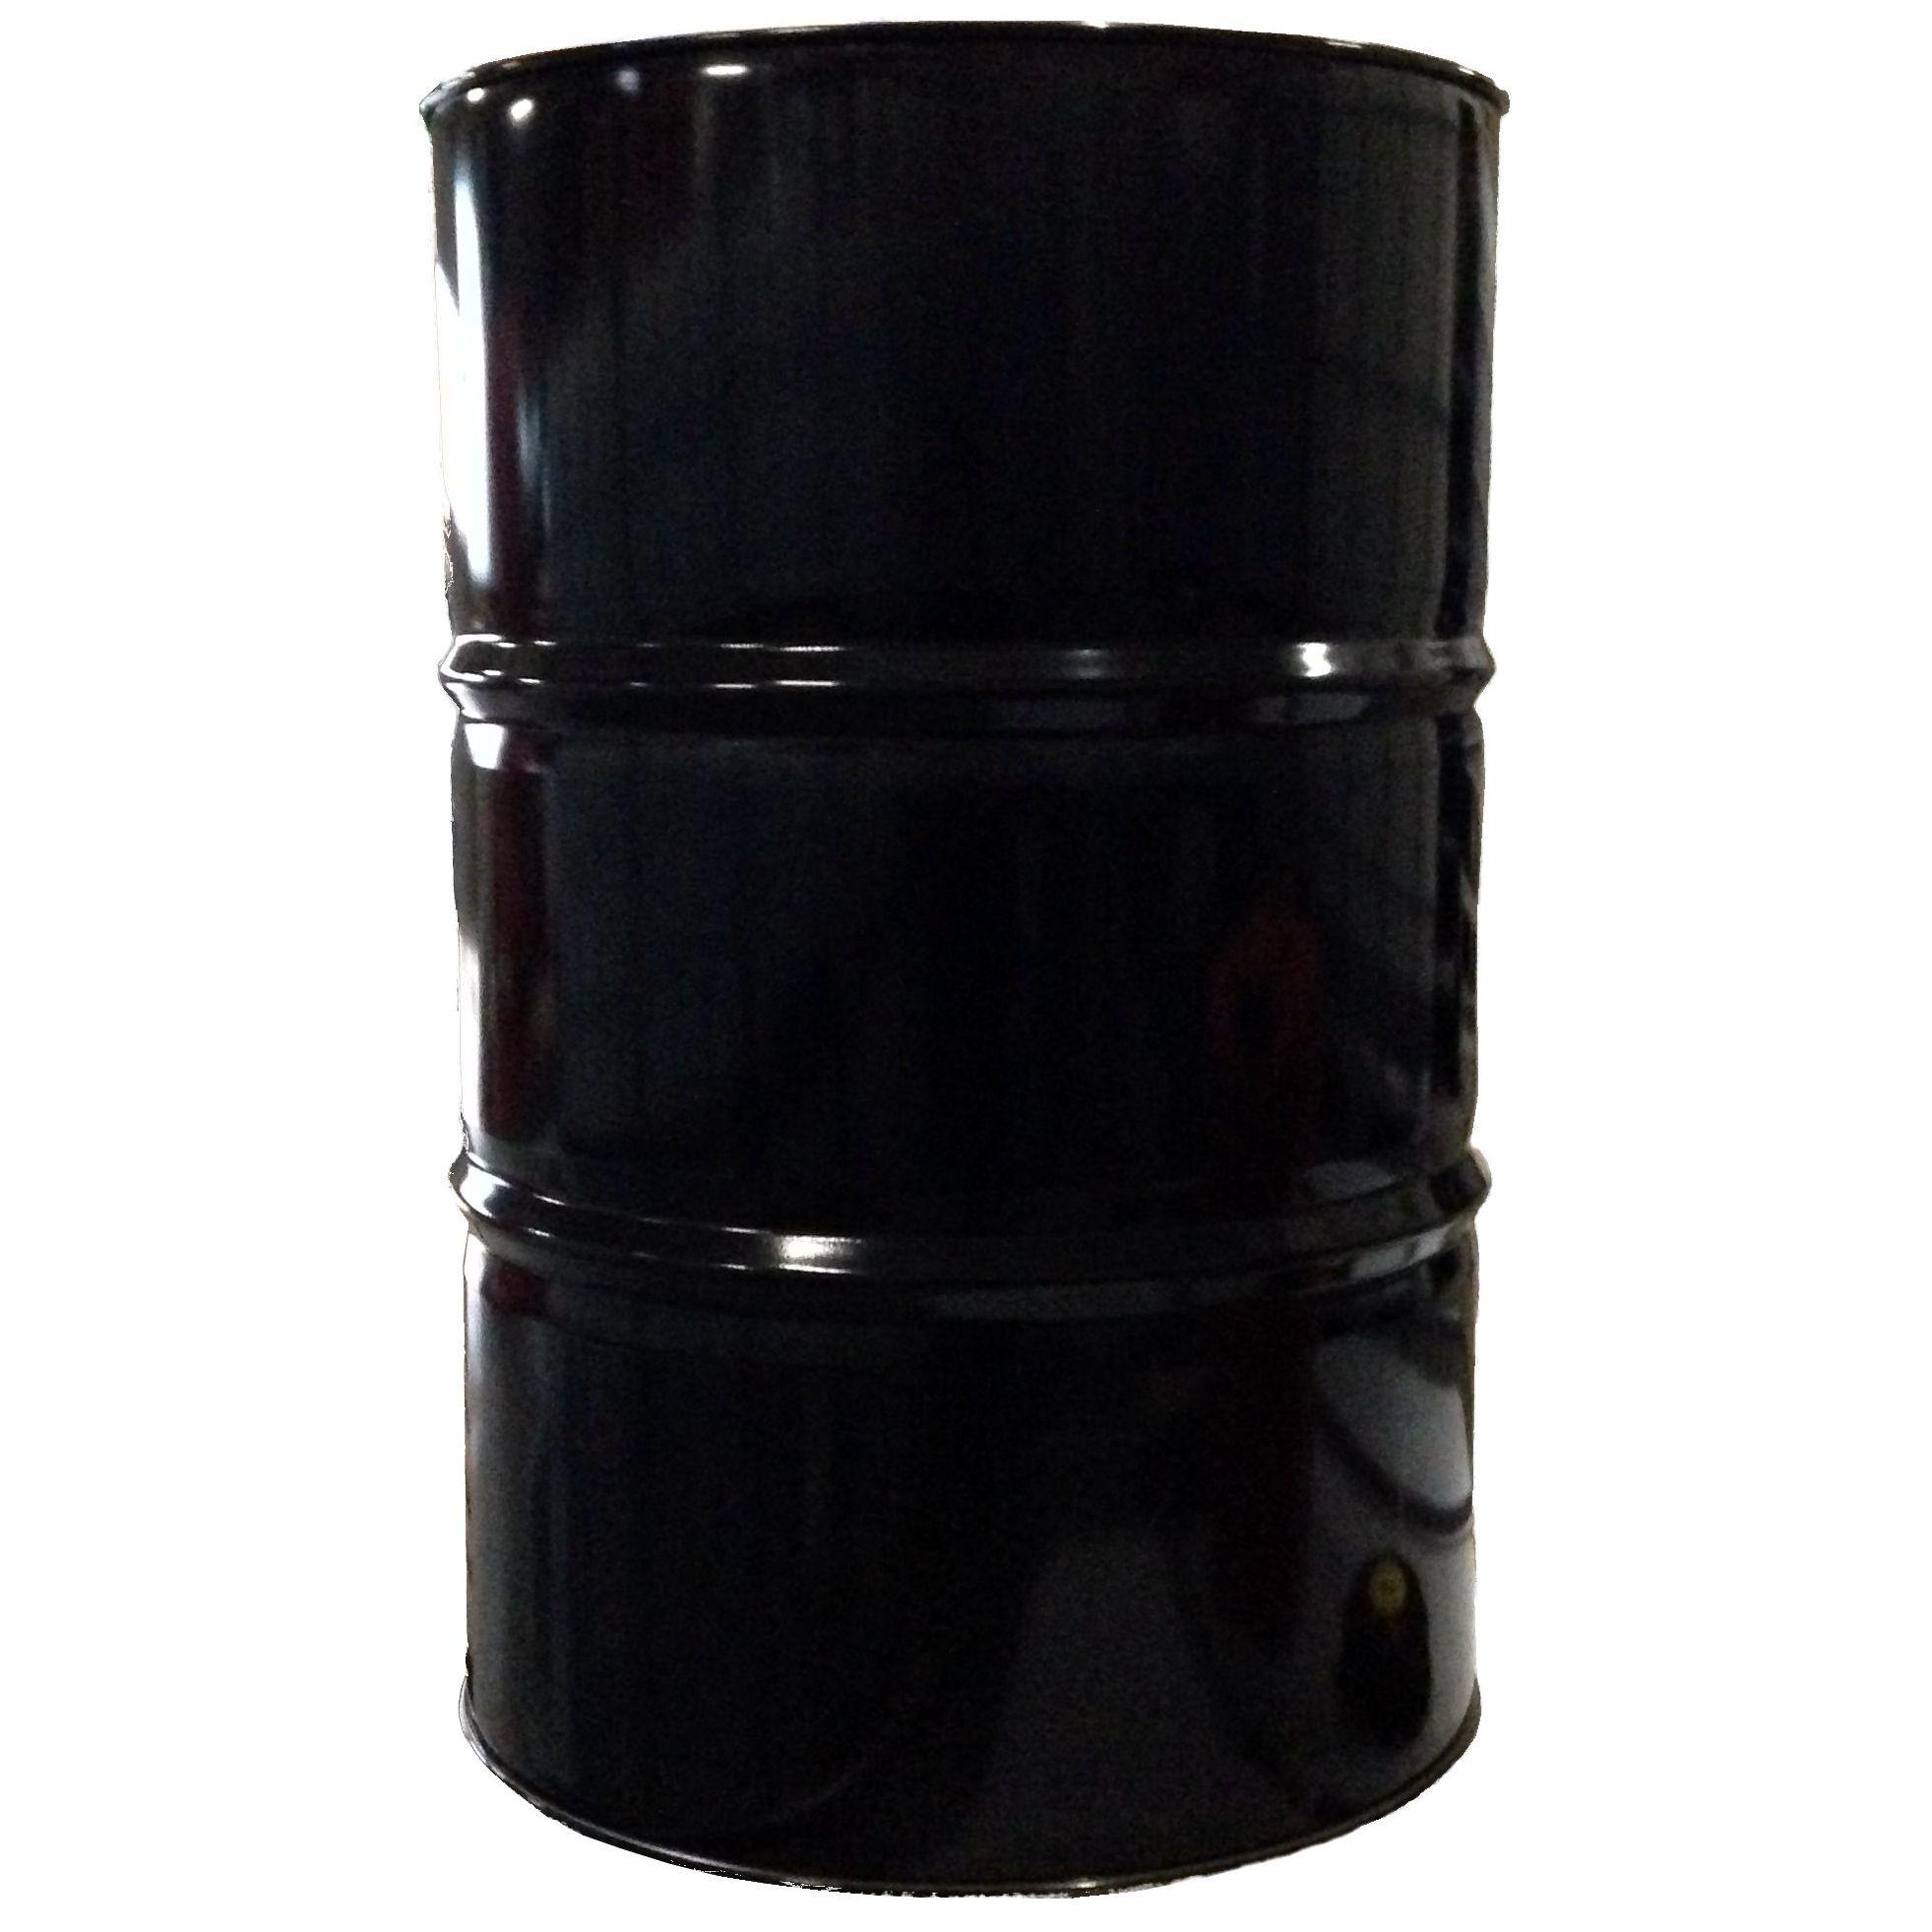 60 Liter Blechfass Stahlfass Faß Garagenfaß Ölfass Metallfass Tonne *NEU* Schwarz glänzend